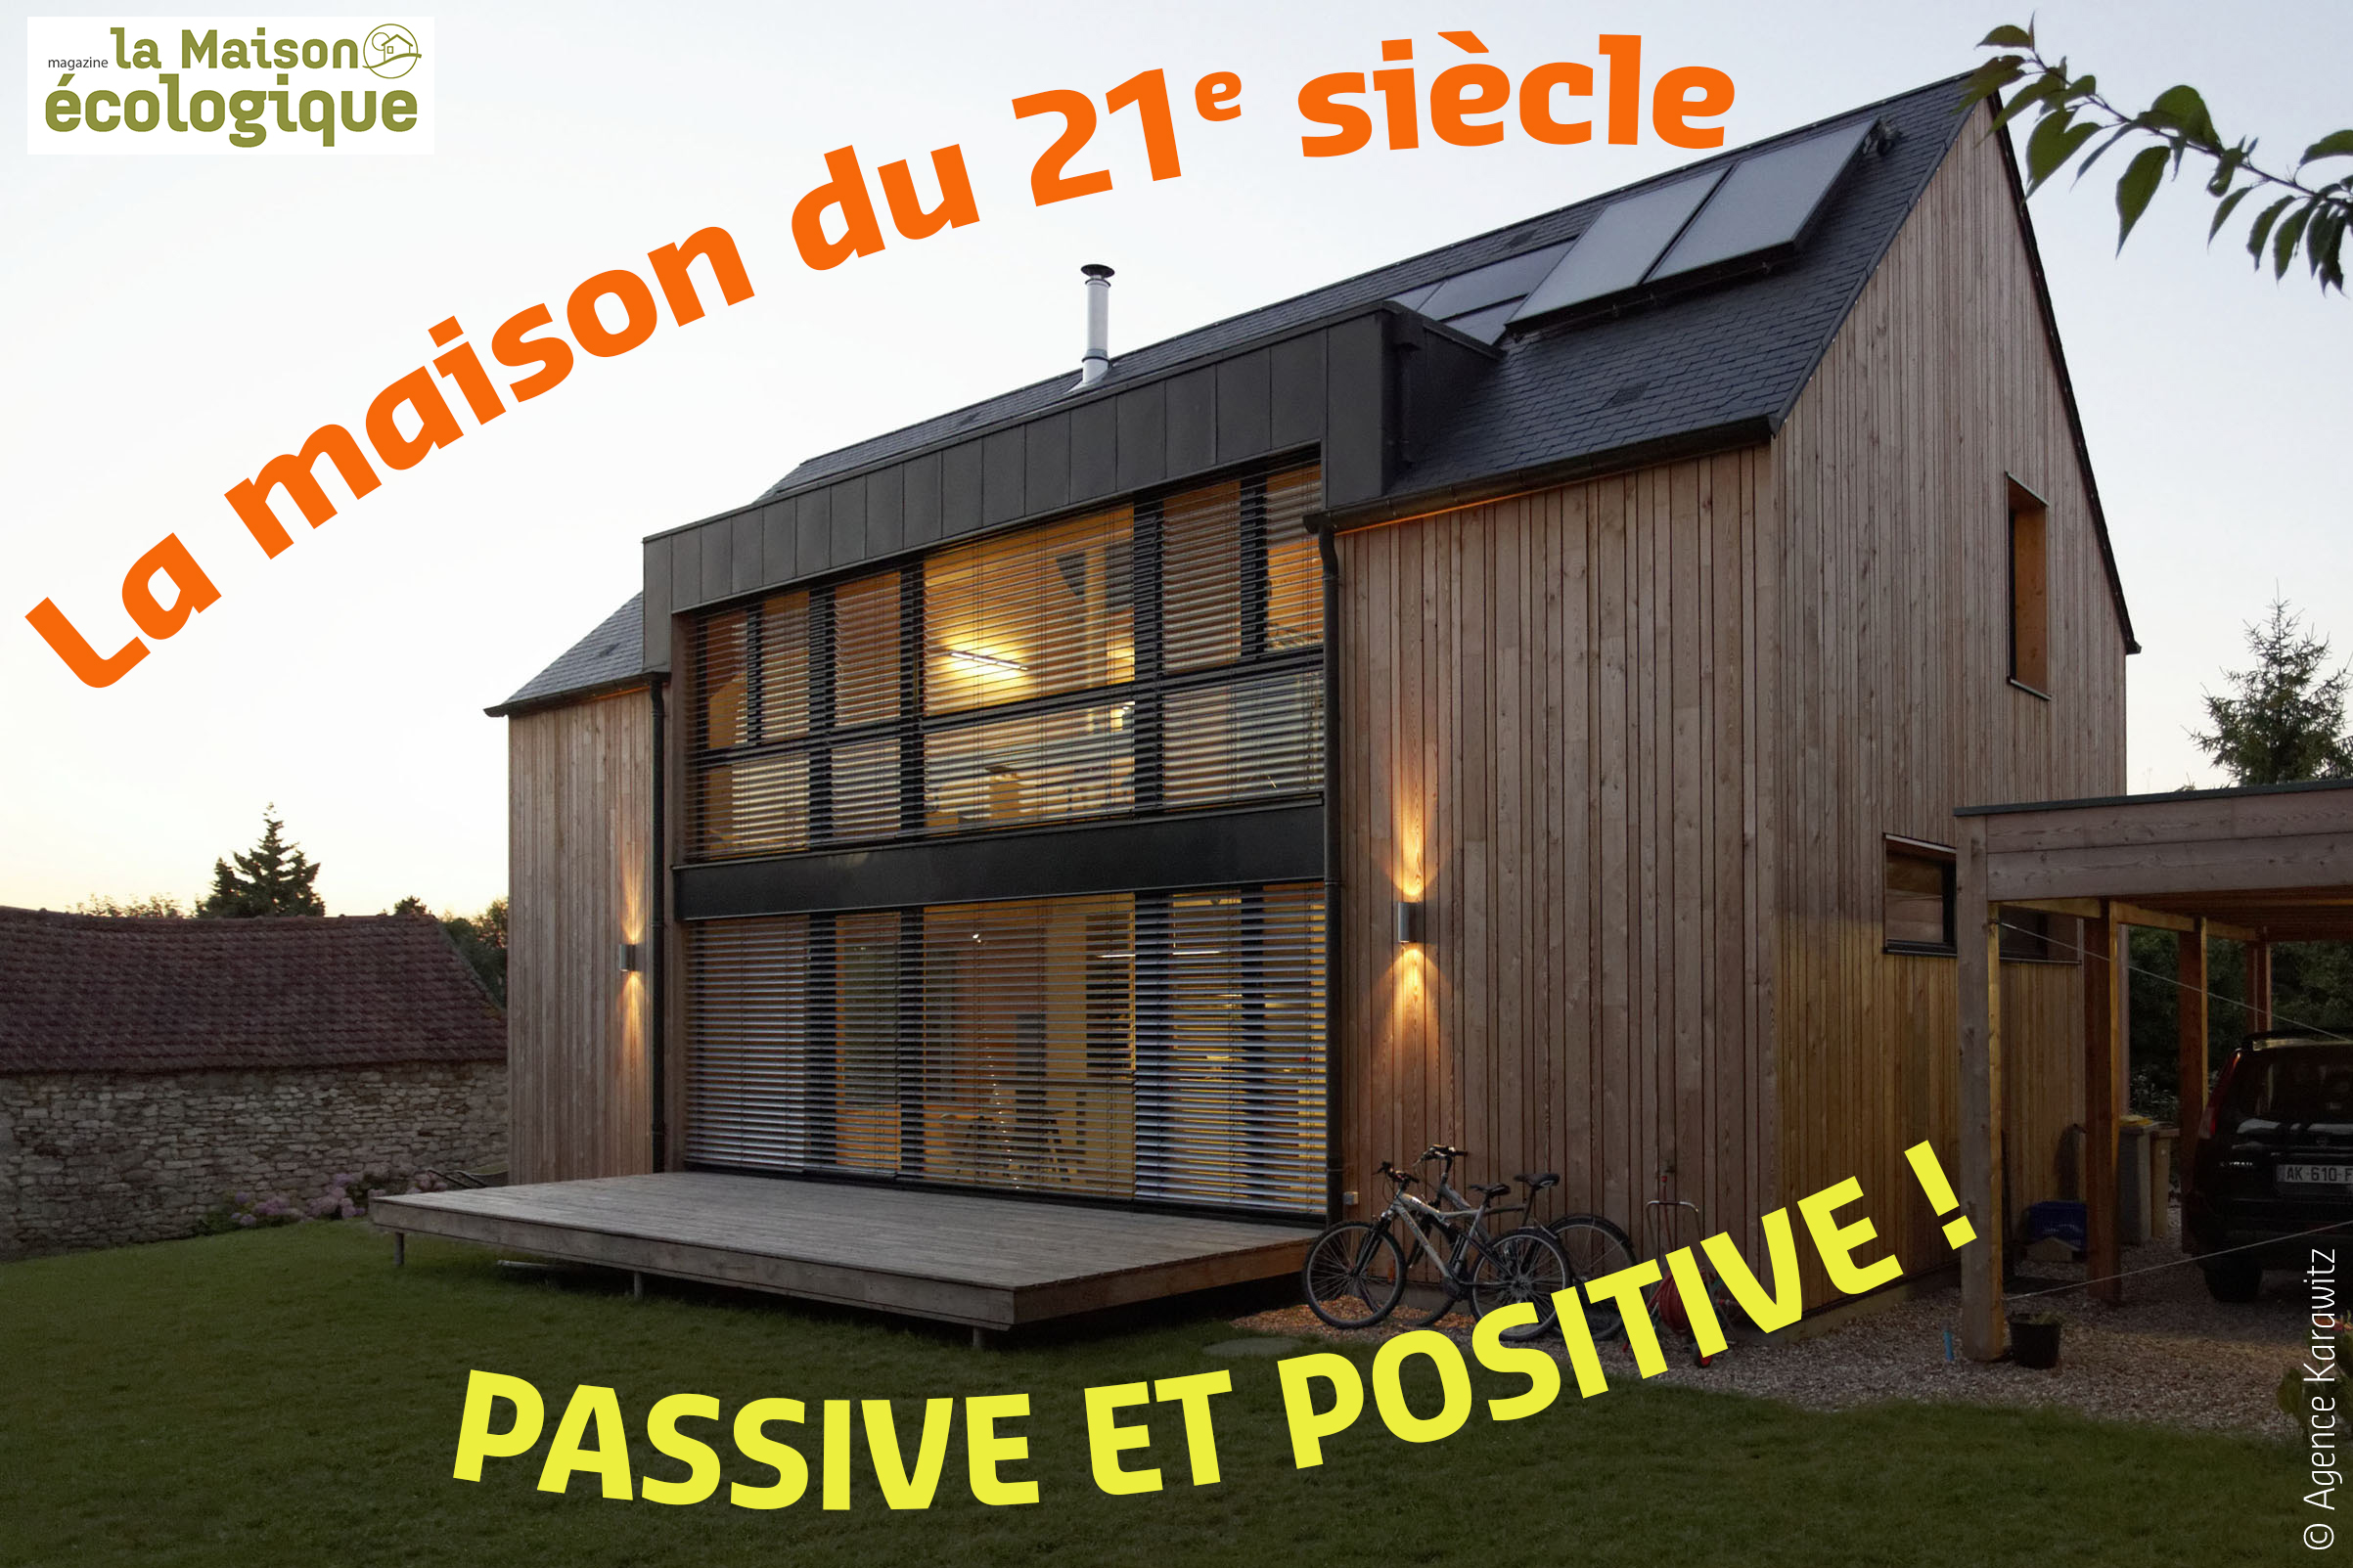 Dossier de La Maison écologique spécial bâtiment passif et à énergie positive